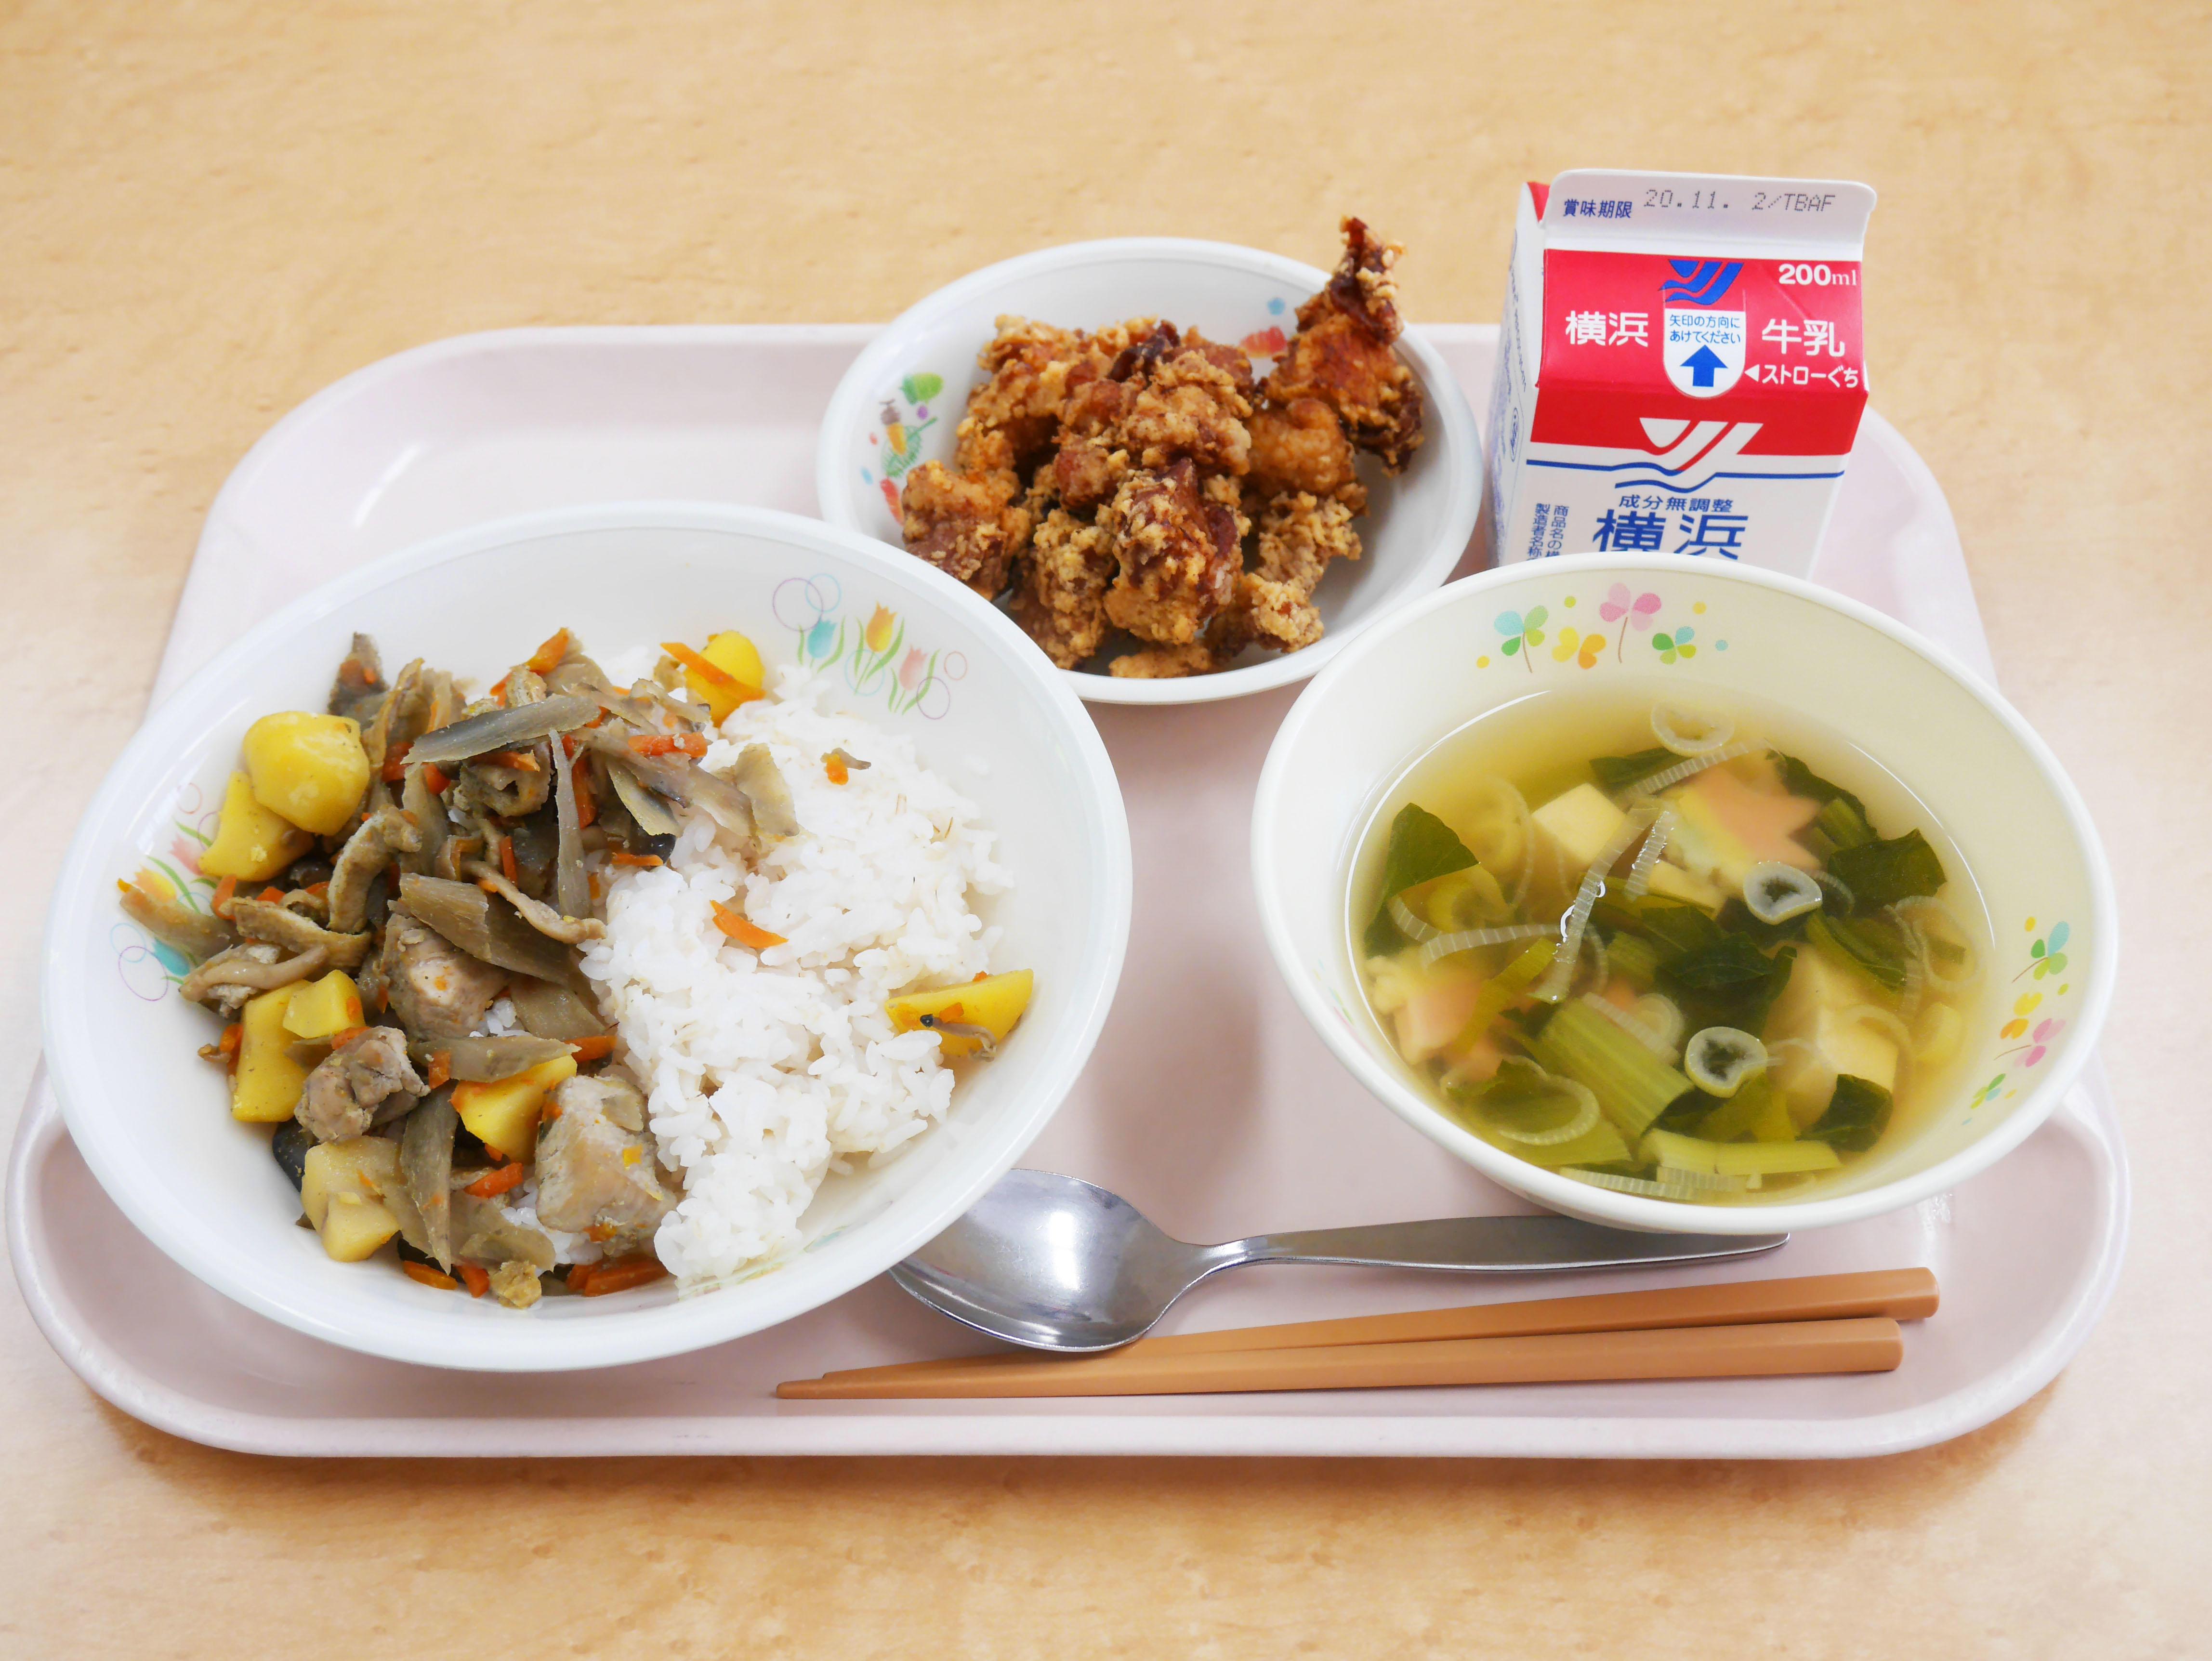 フェリス女学院大学の学生が百人一首をモチーフに考案した給食メニューを横浜市内の小学校で提供 --「全学教養教育機構(CLA)」プロジェクト演習の一環